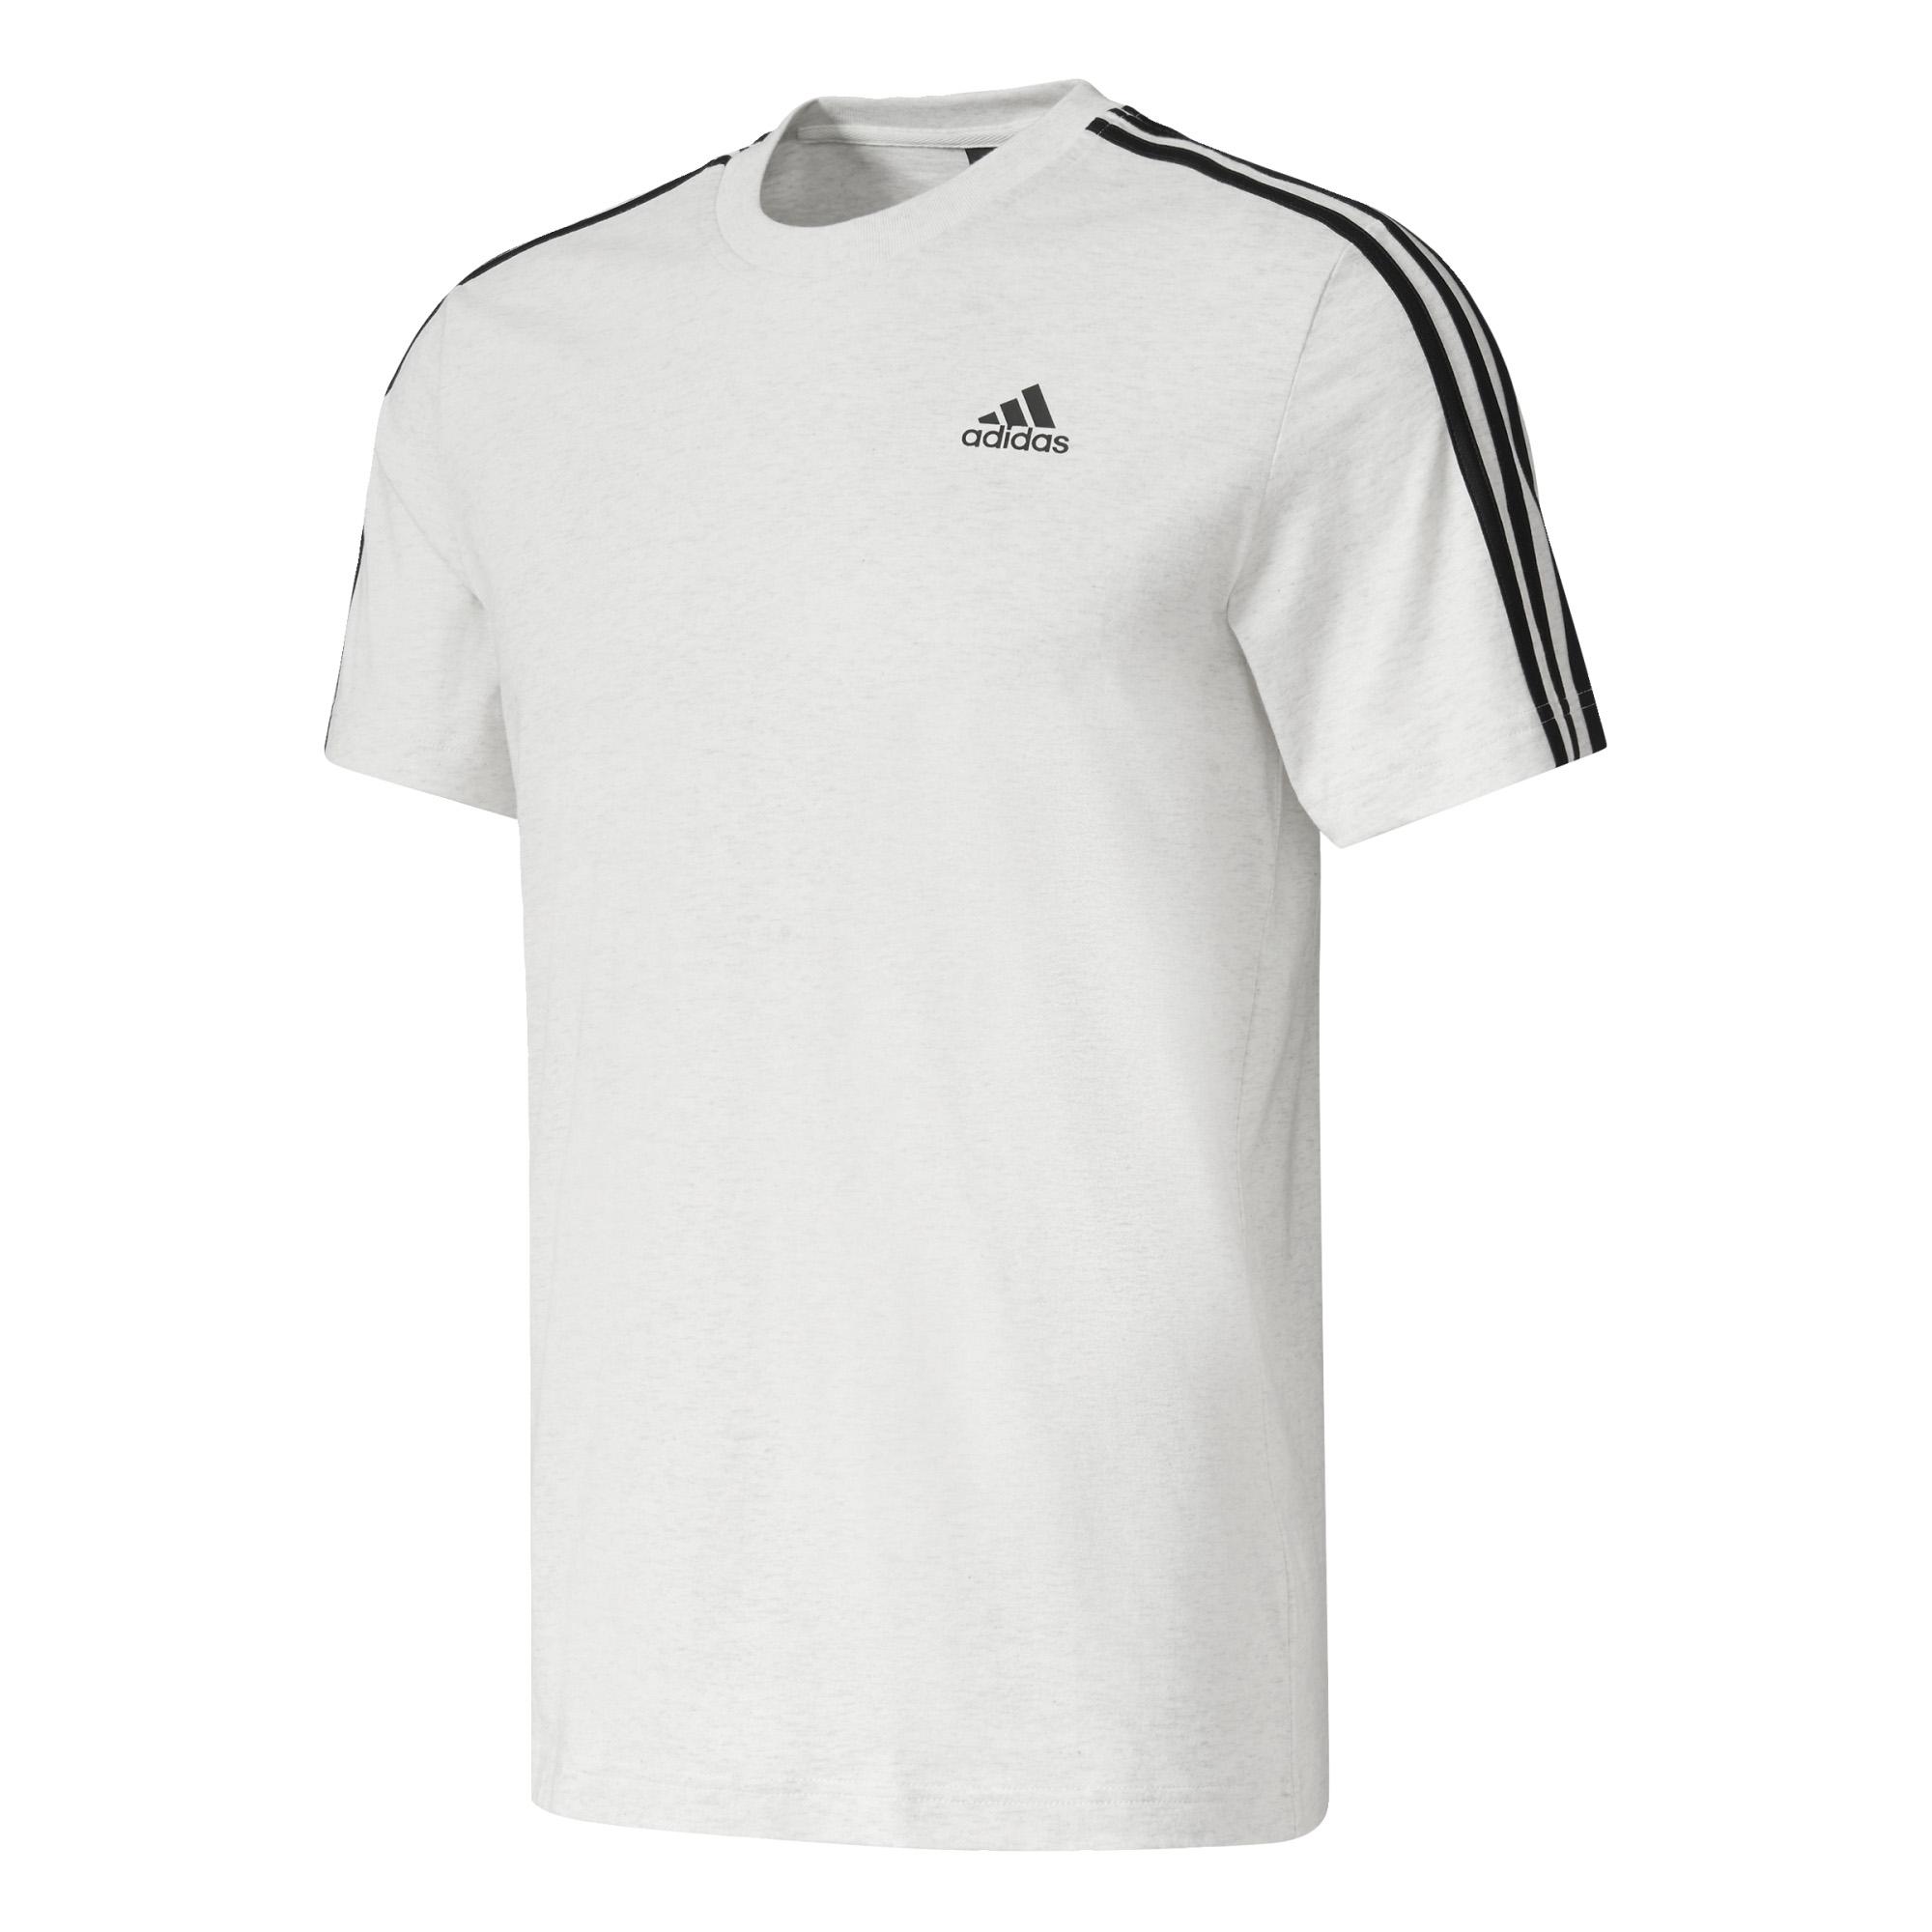 Mens Adidas T Shirt